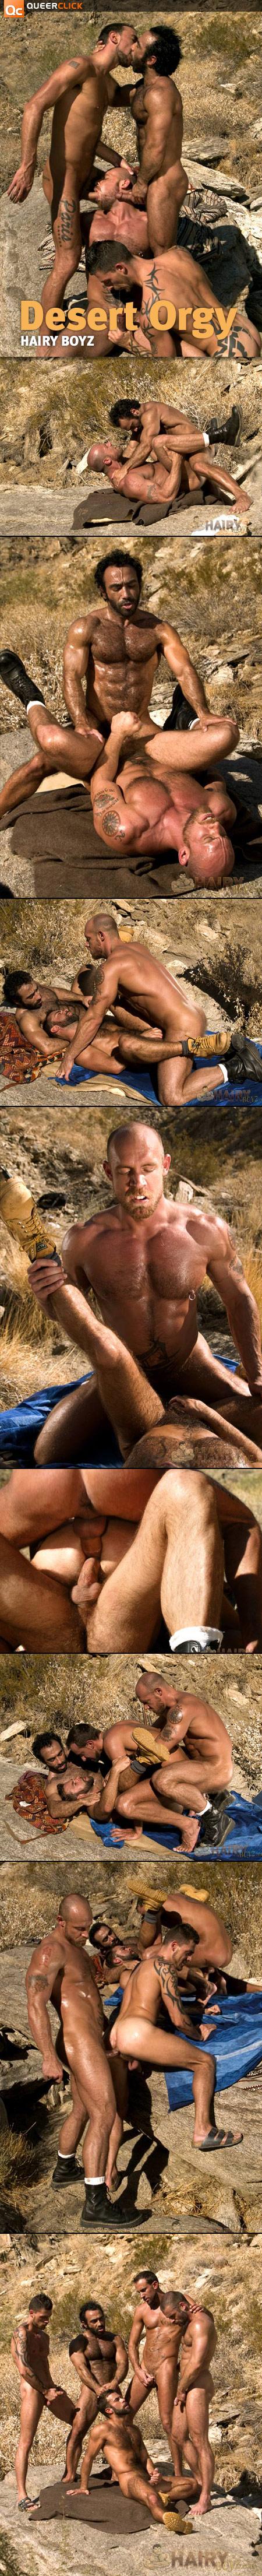 Orgía en el Desierto en HairyBoyz.com